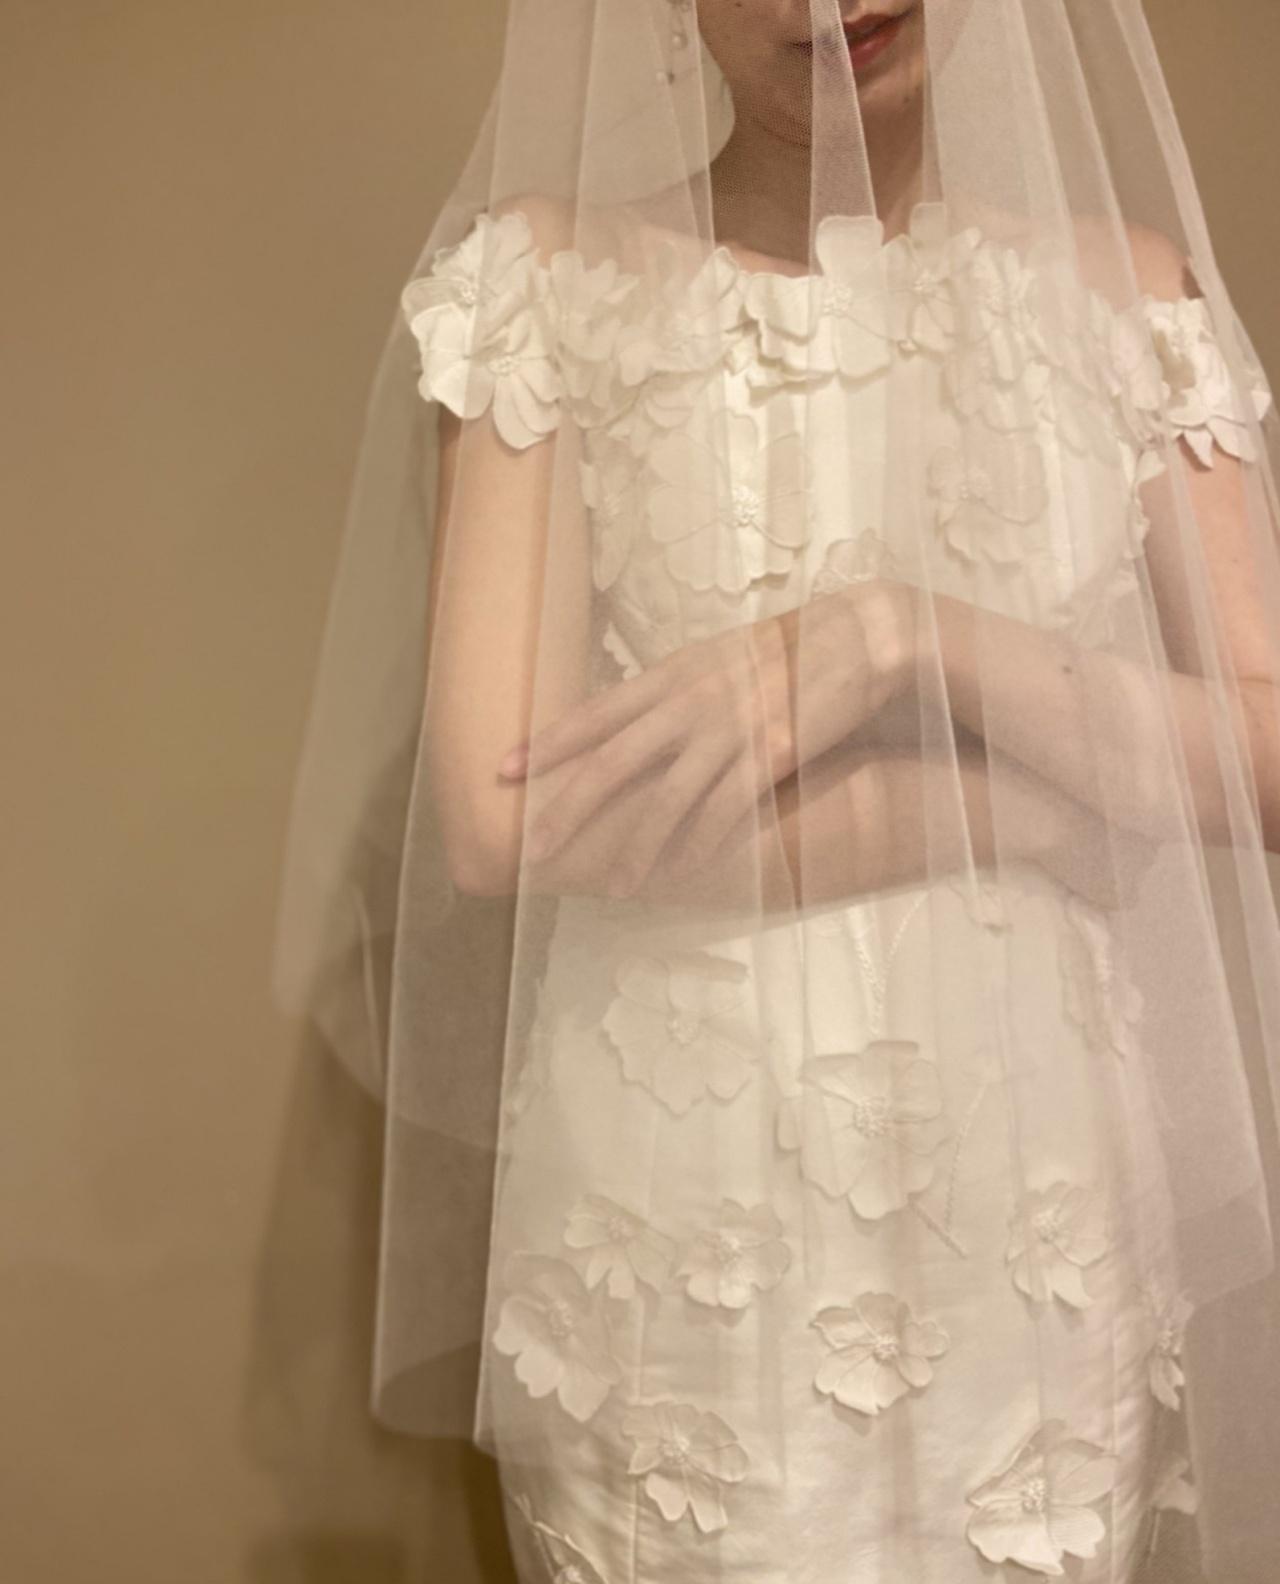 ウィズザスタイルの春夏の季節におすすめのお花モチーフのマーメイドドレス